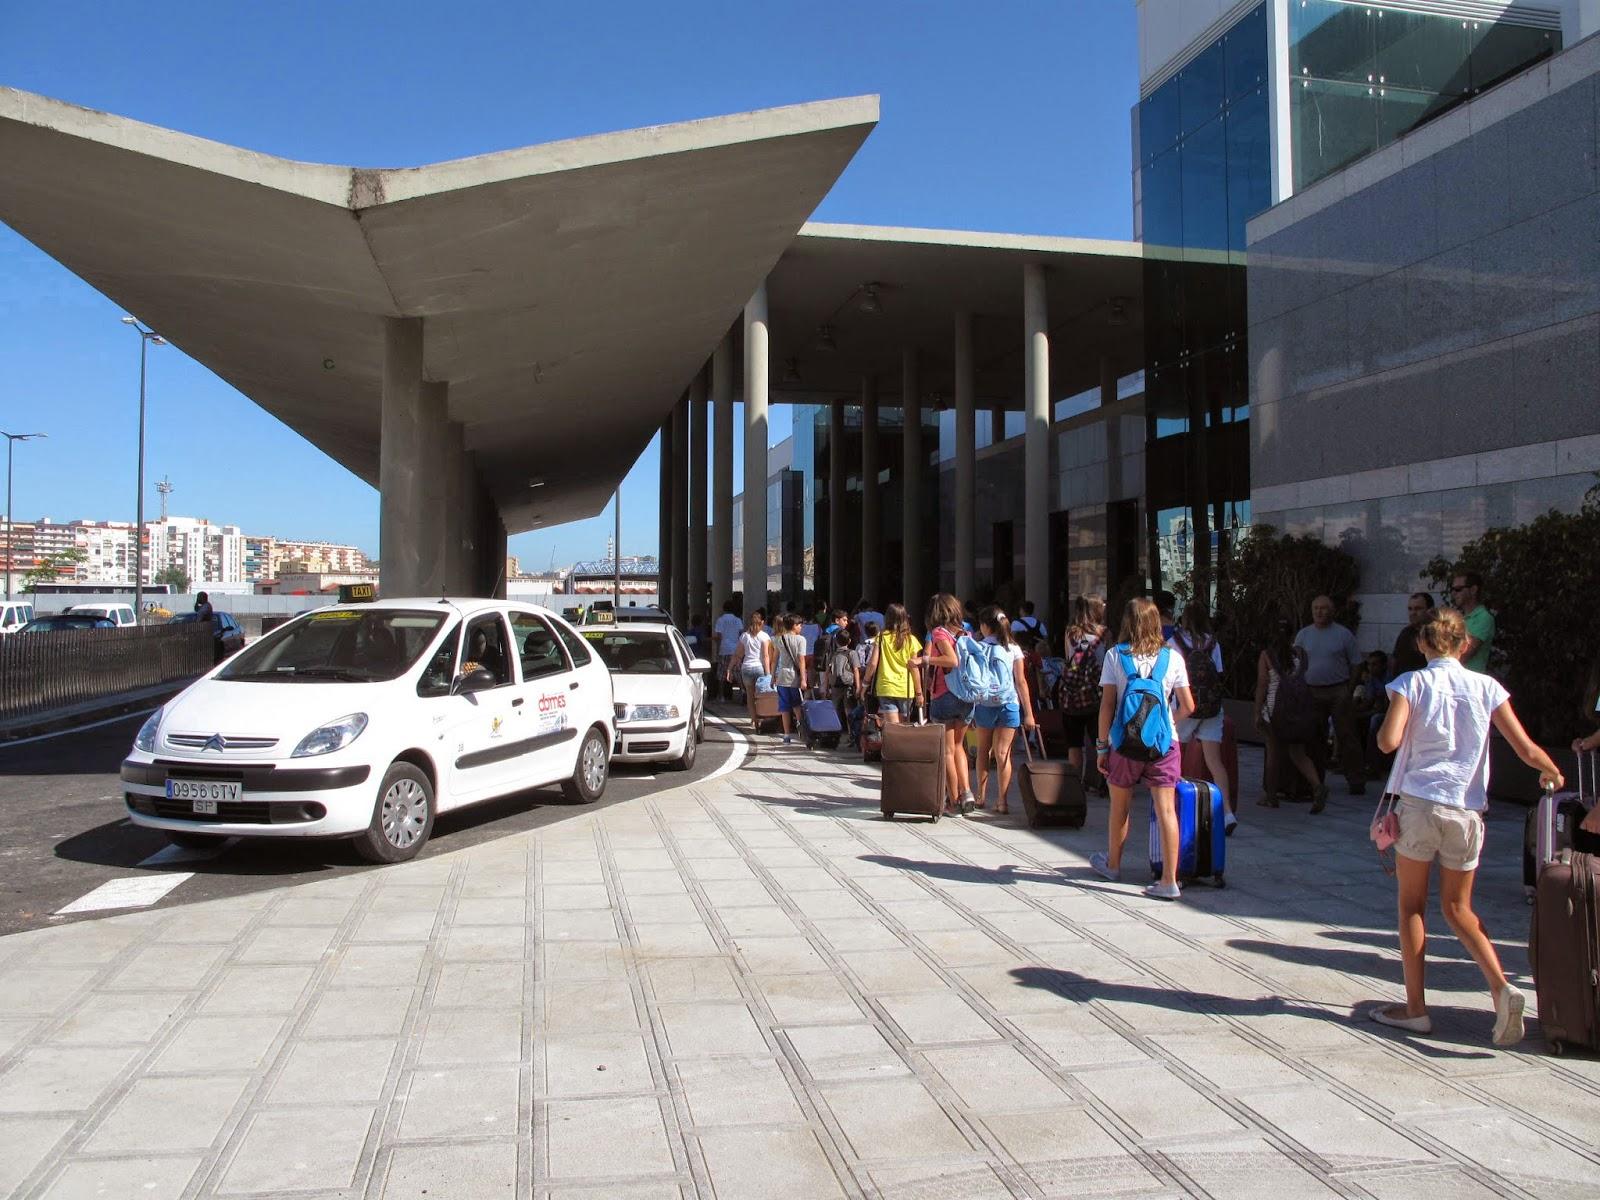 Puerto bah a de algeciras blog la actividad en el puerto bah a de algeciras crece un 15 en el - Puerto de algeciras hoy ...